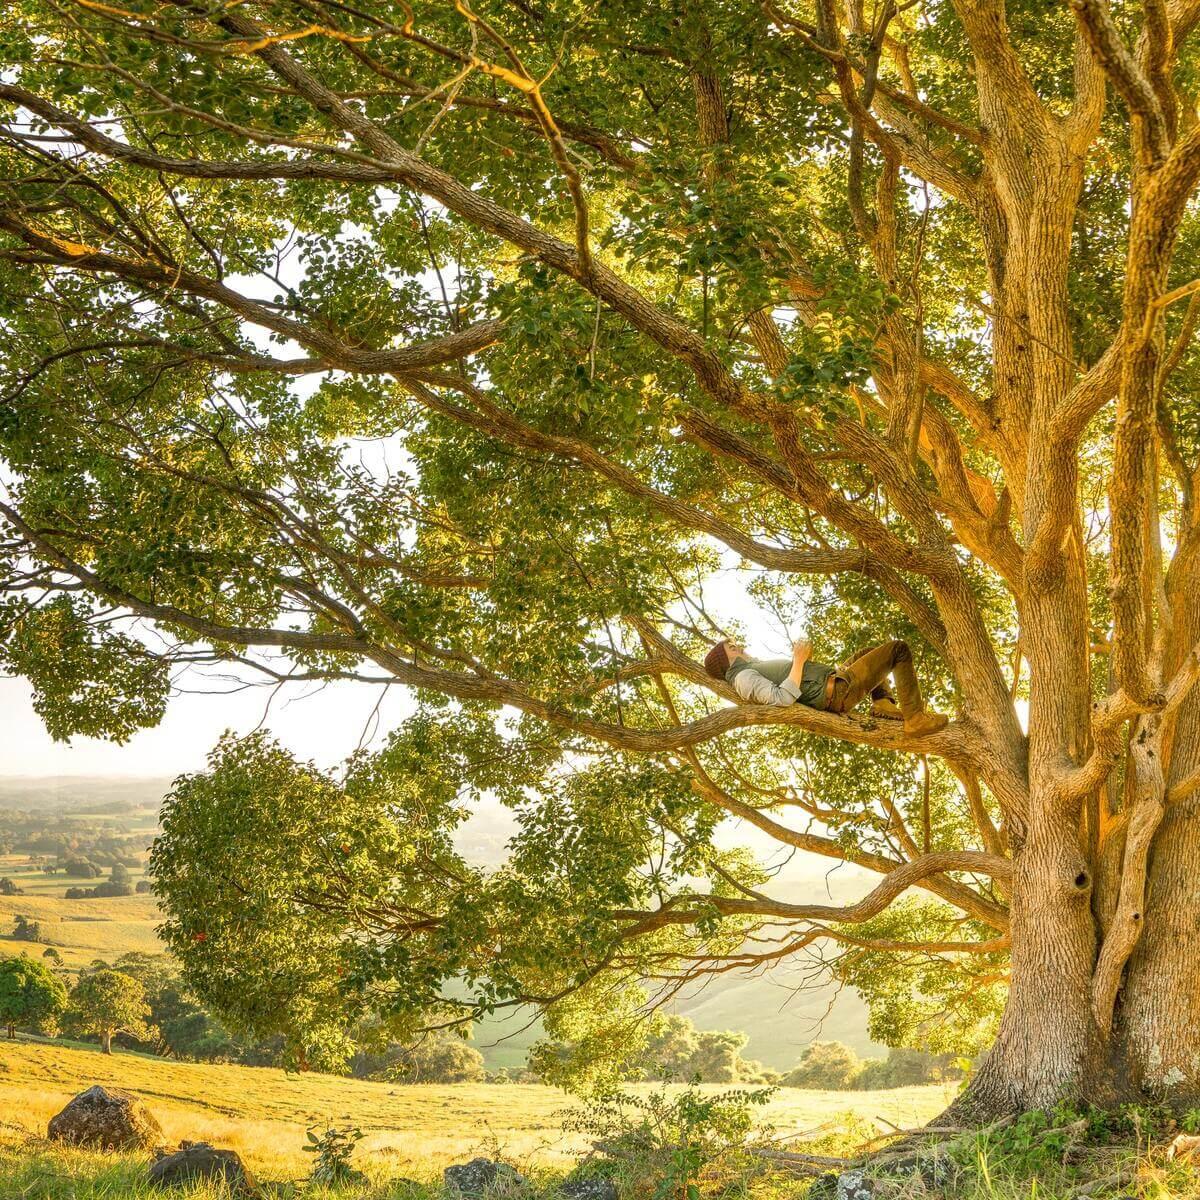 mężczyzna leżący na gałęzi drzewa